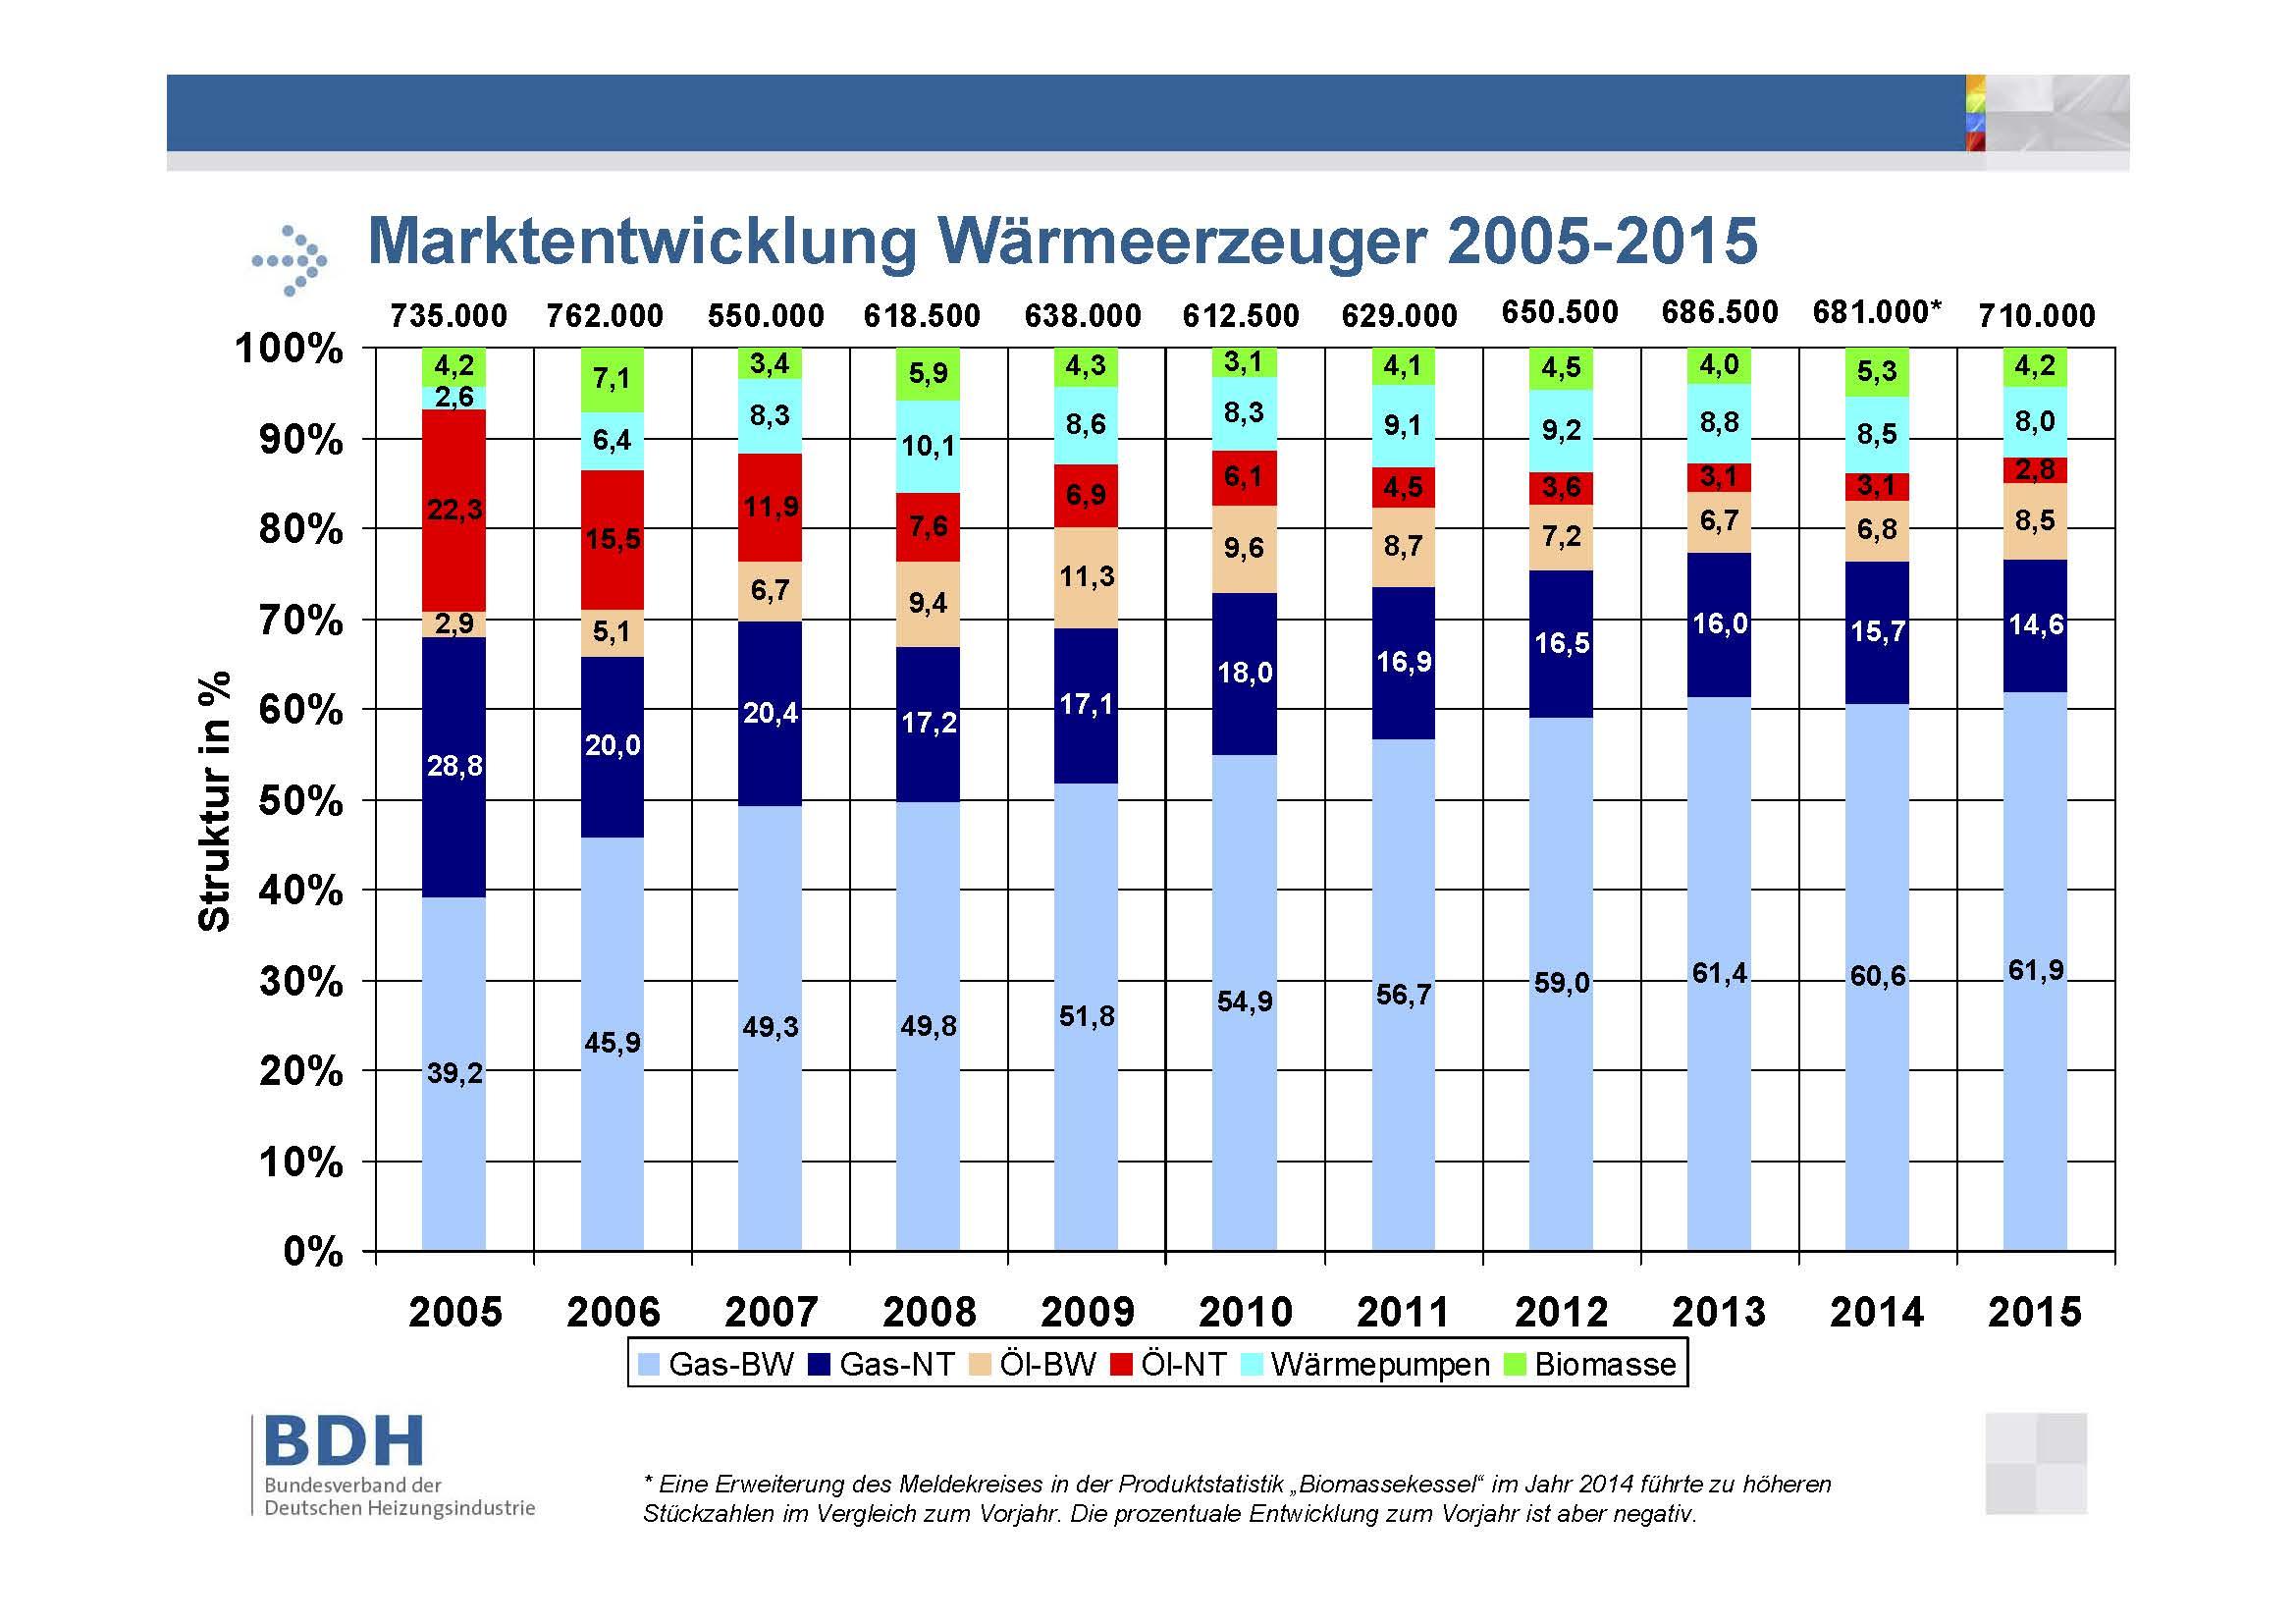 Balkendiagramm zur Marktentwicklung der Wärmeerzeuger 2005-2015